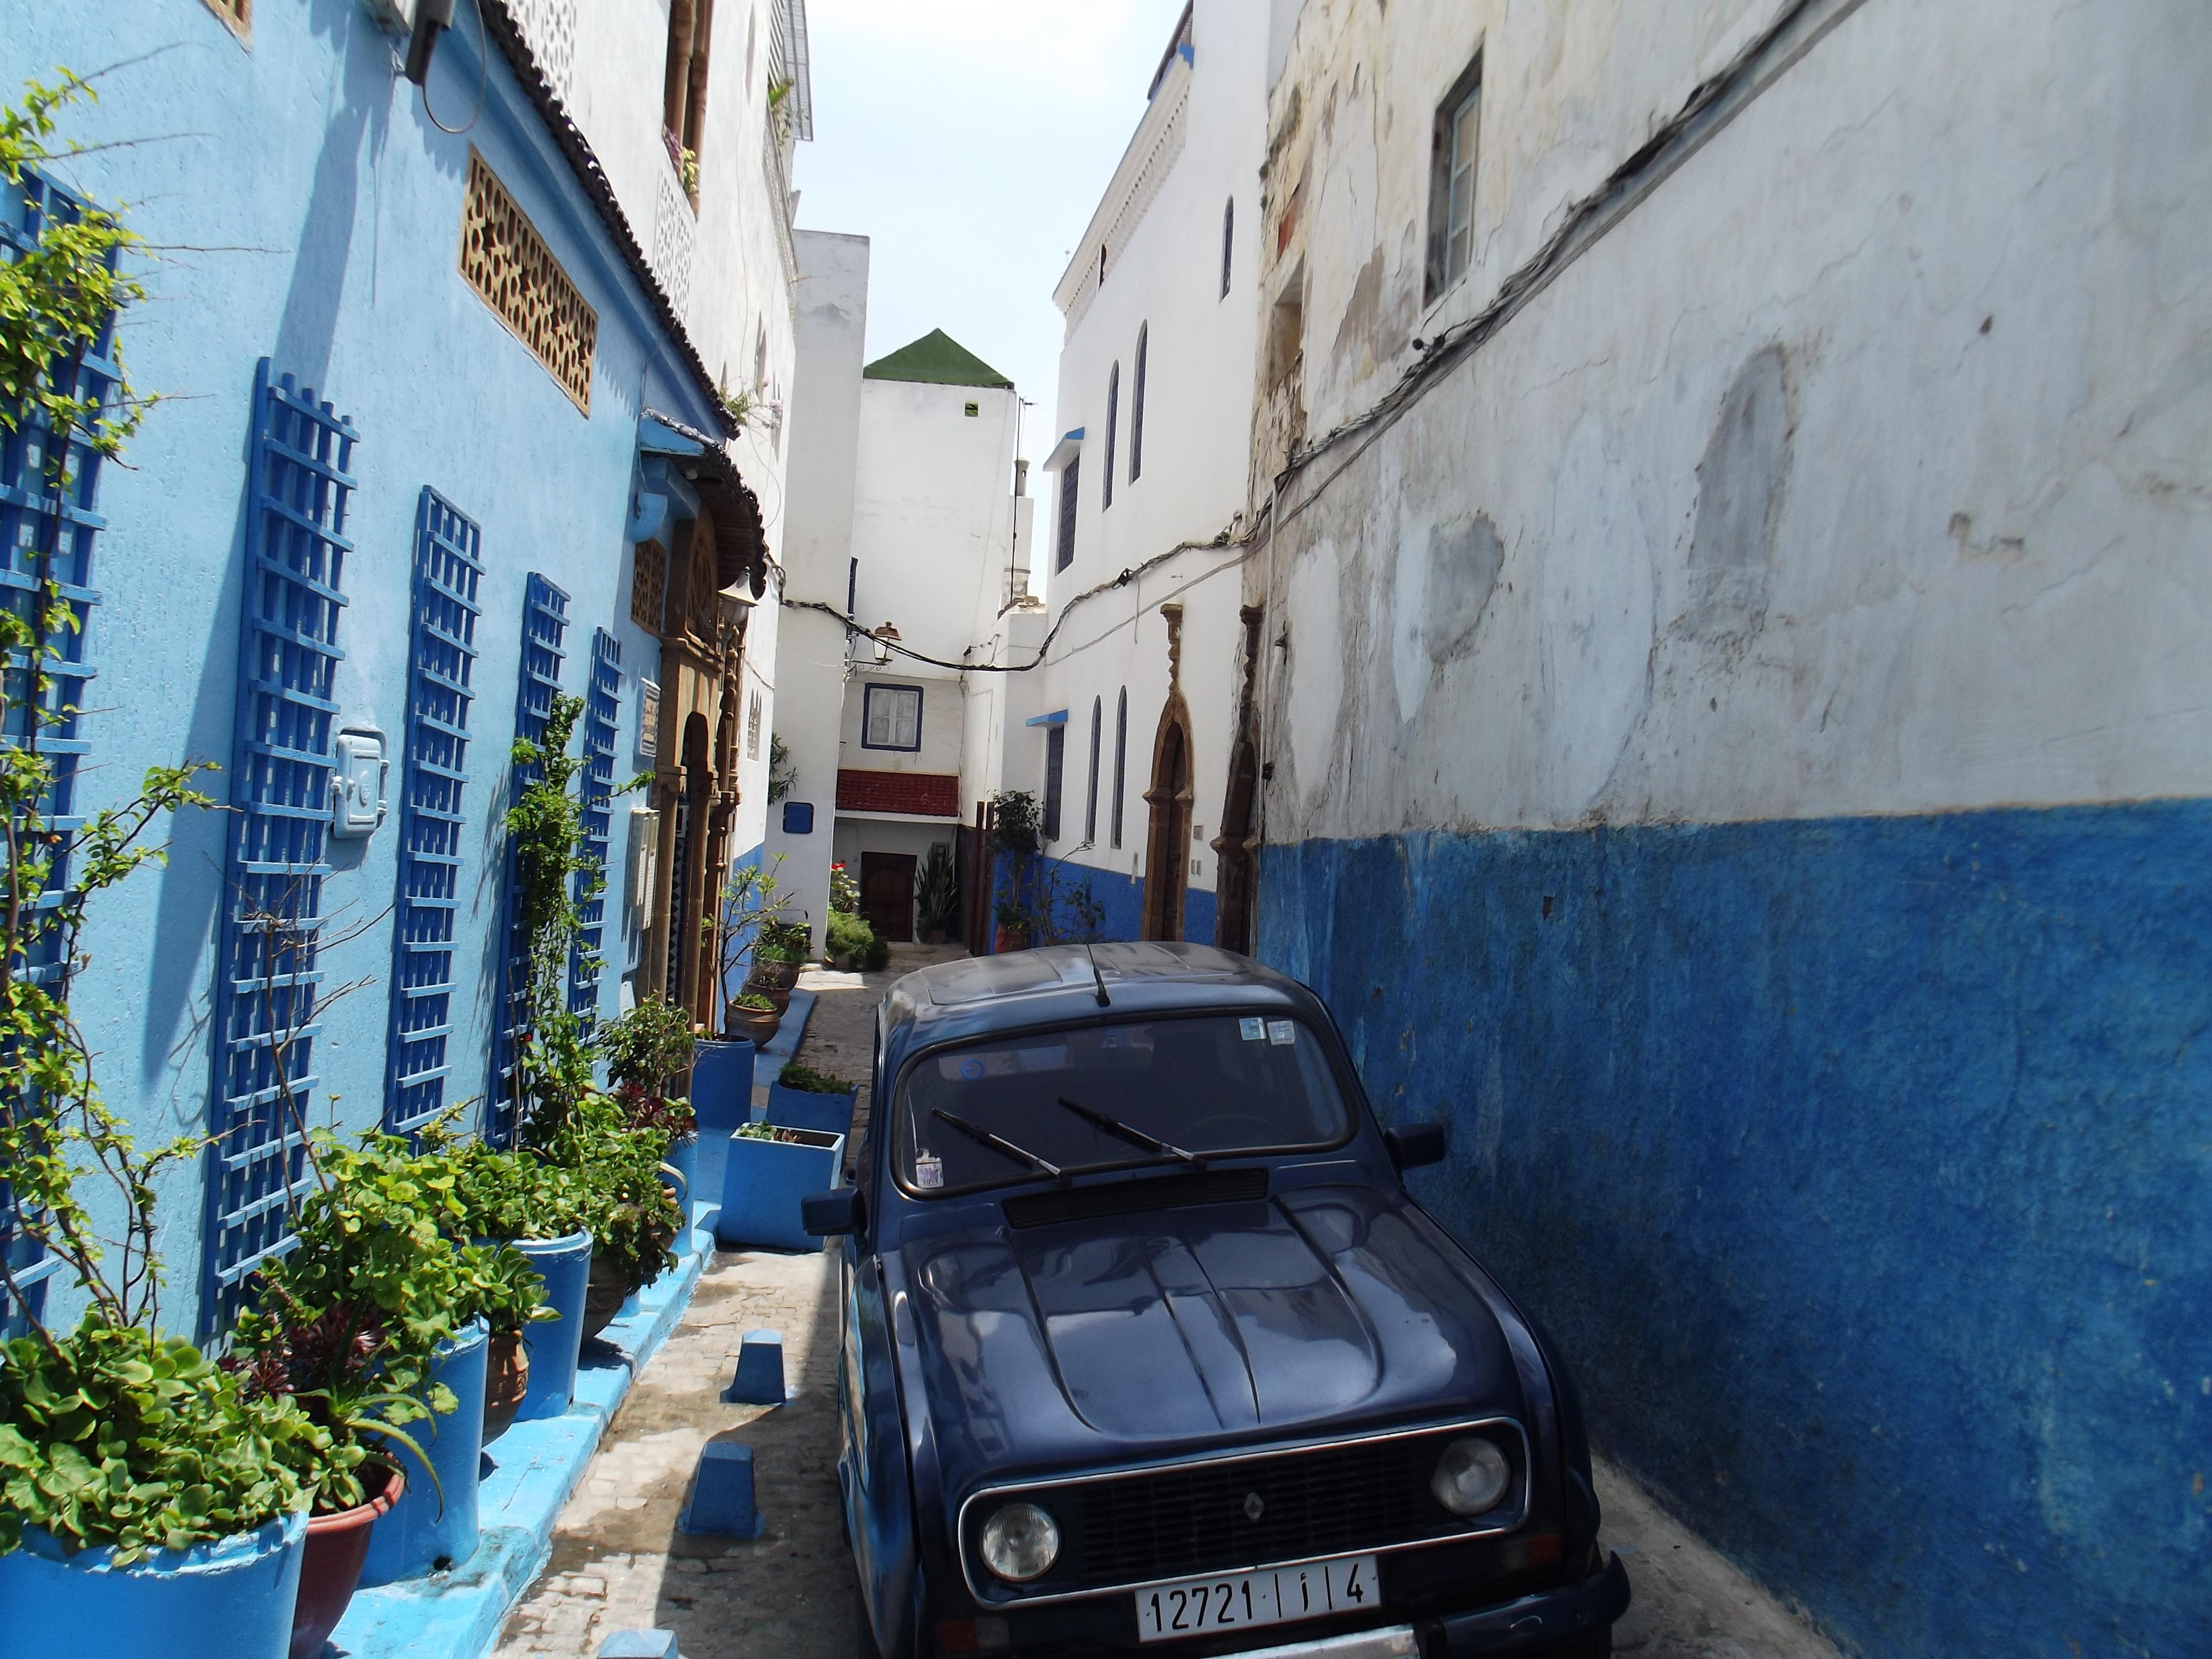 Rabat, Morocco (2014)